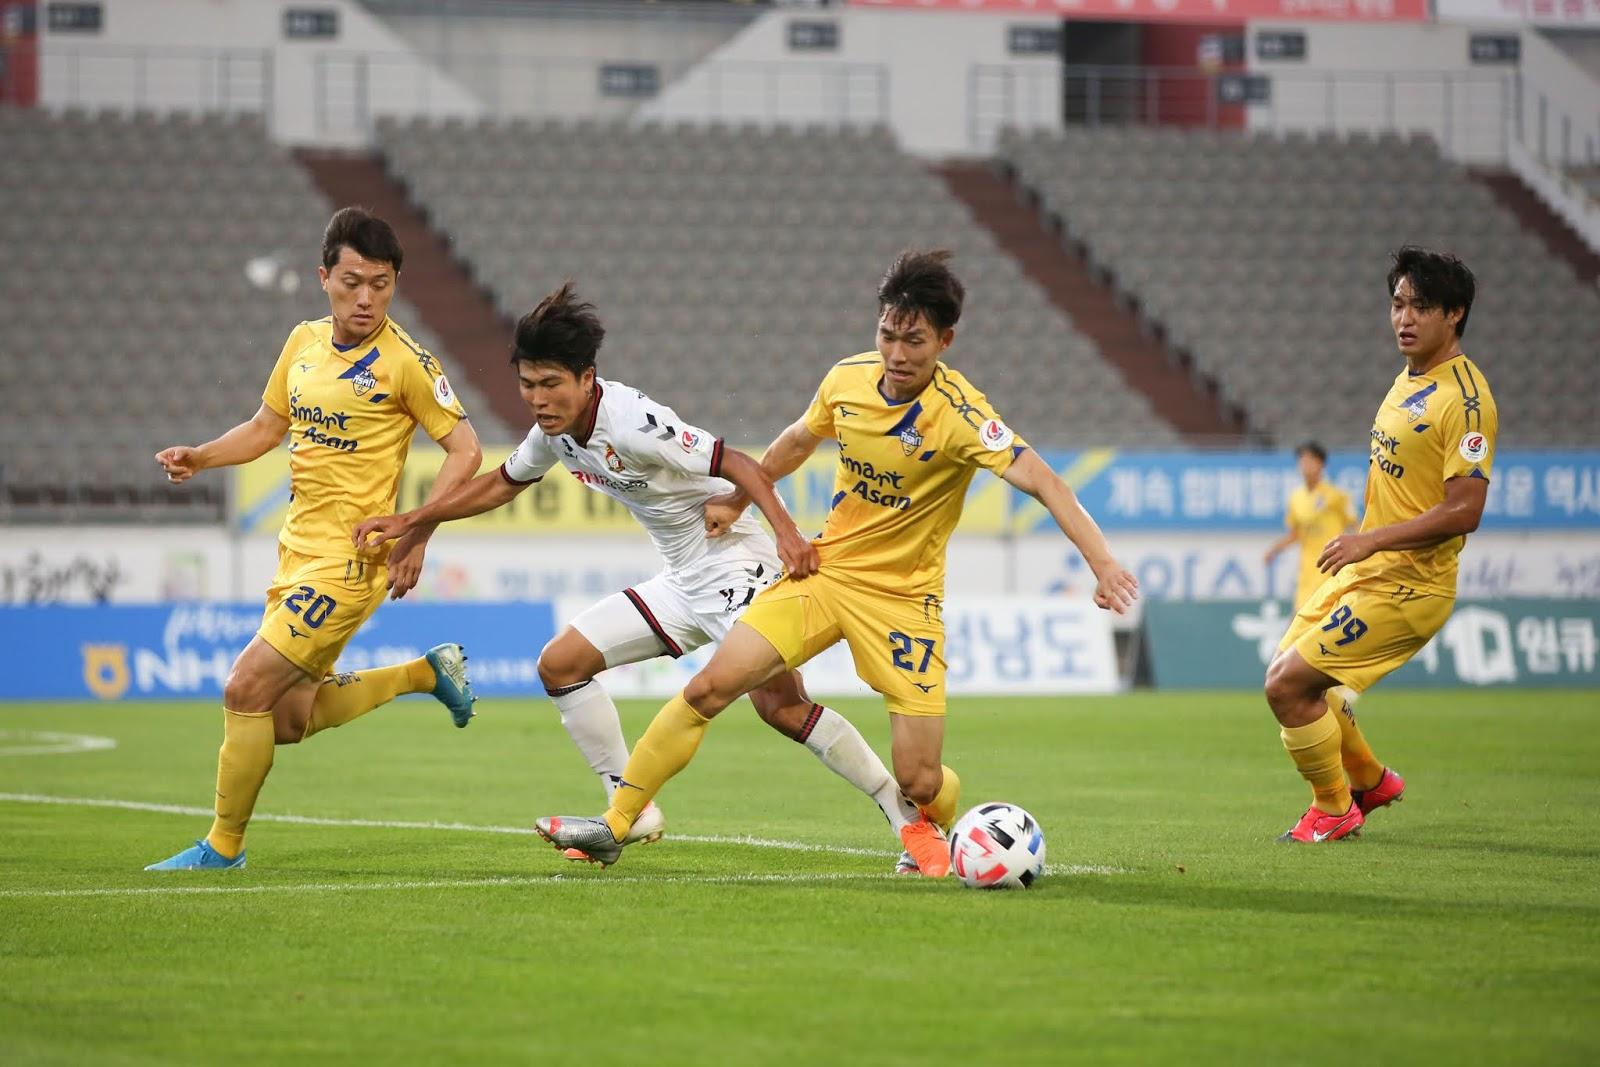 Gyeongnam FC vs Chungnam Asan